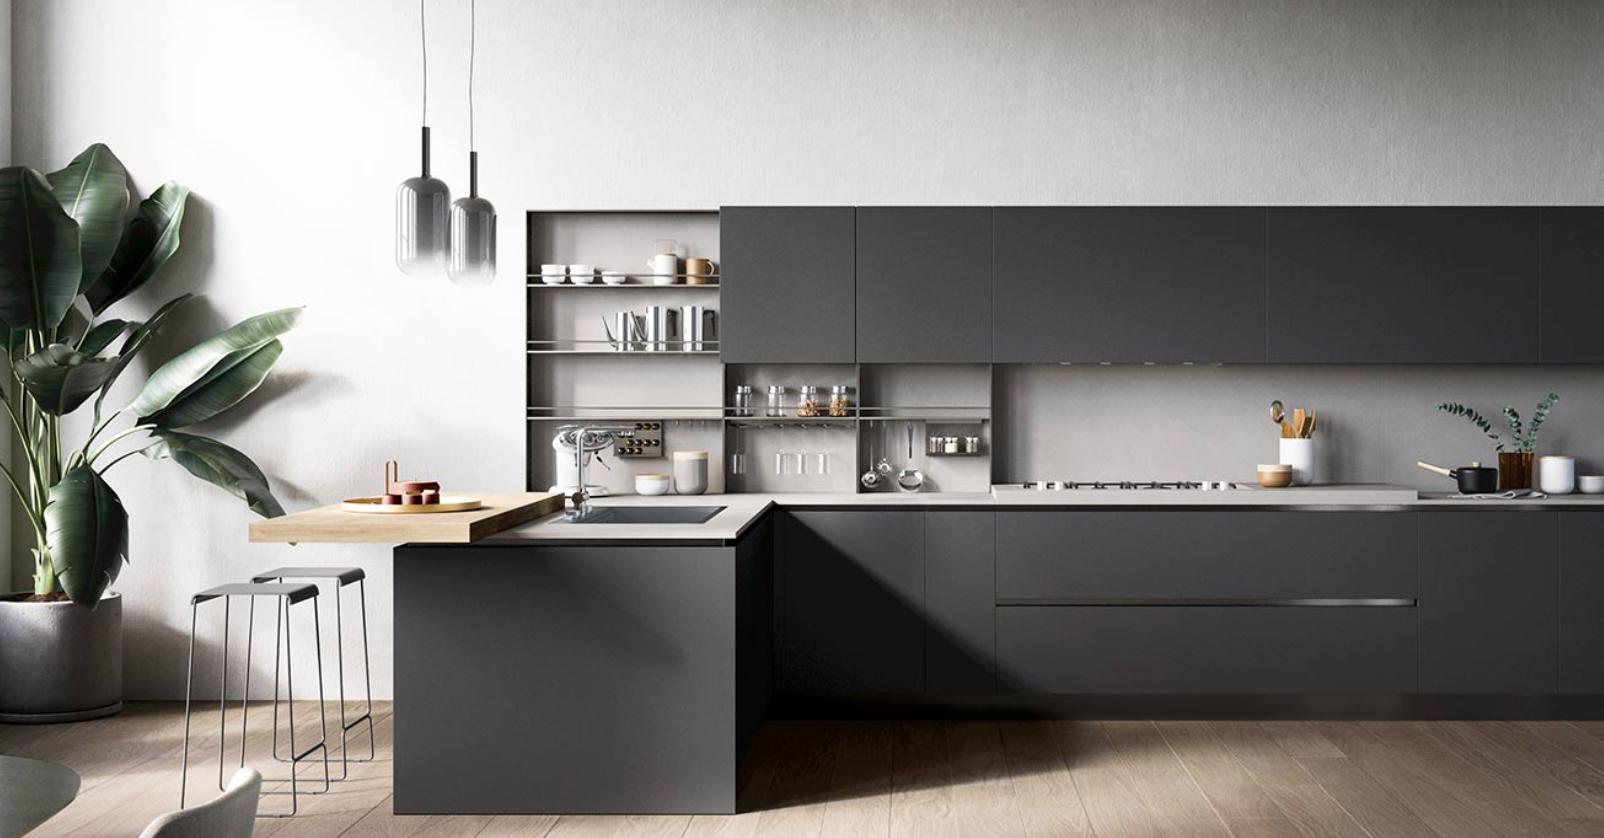 Armony cuisine, La Garenne-Colombes - actualité tendance cuisine noire